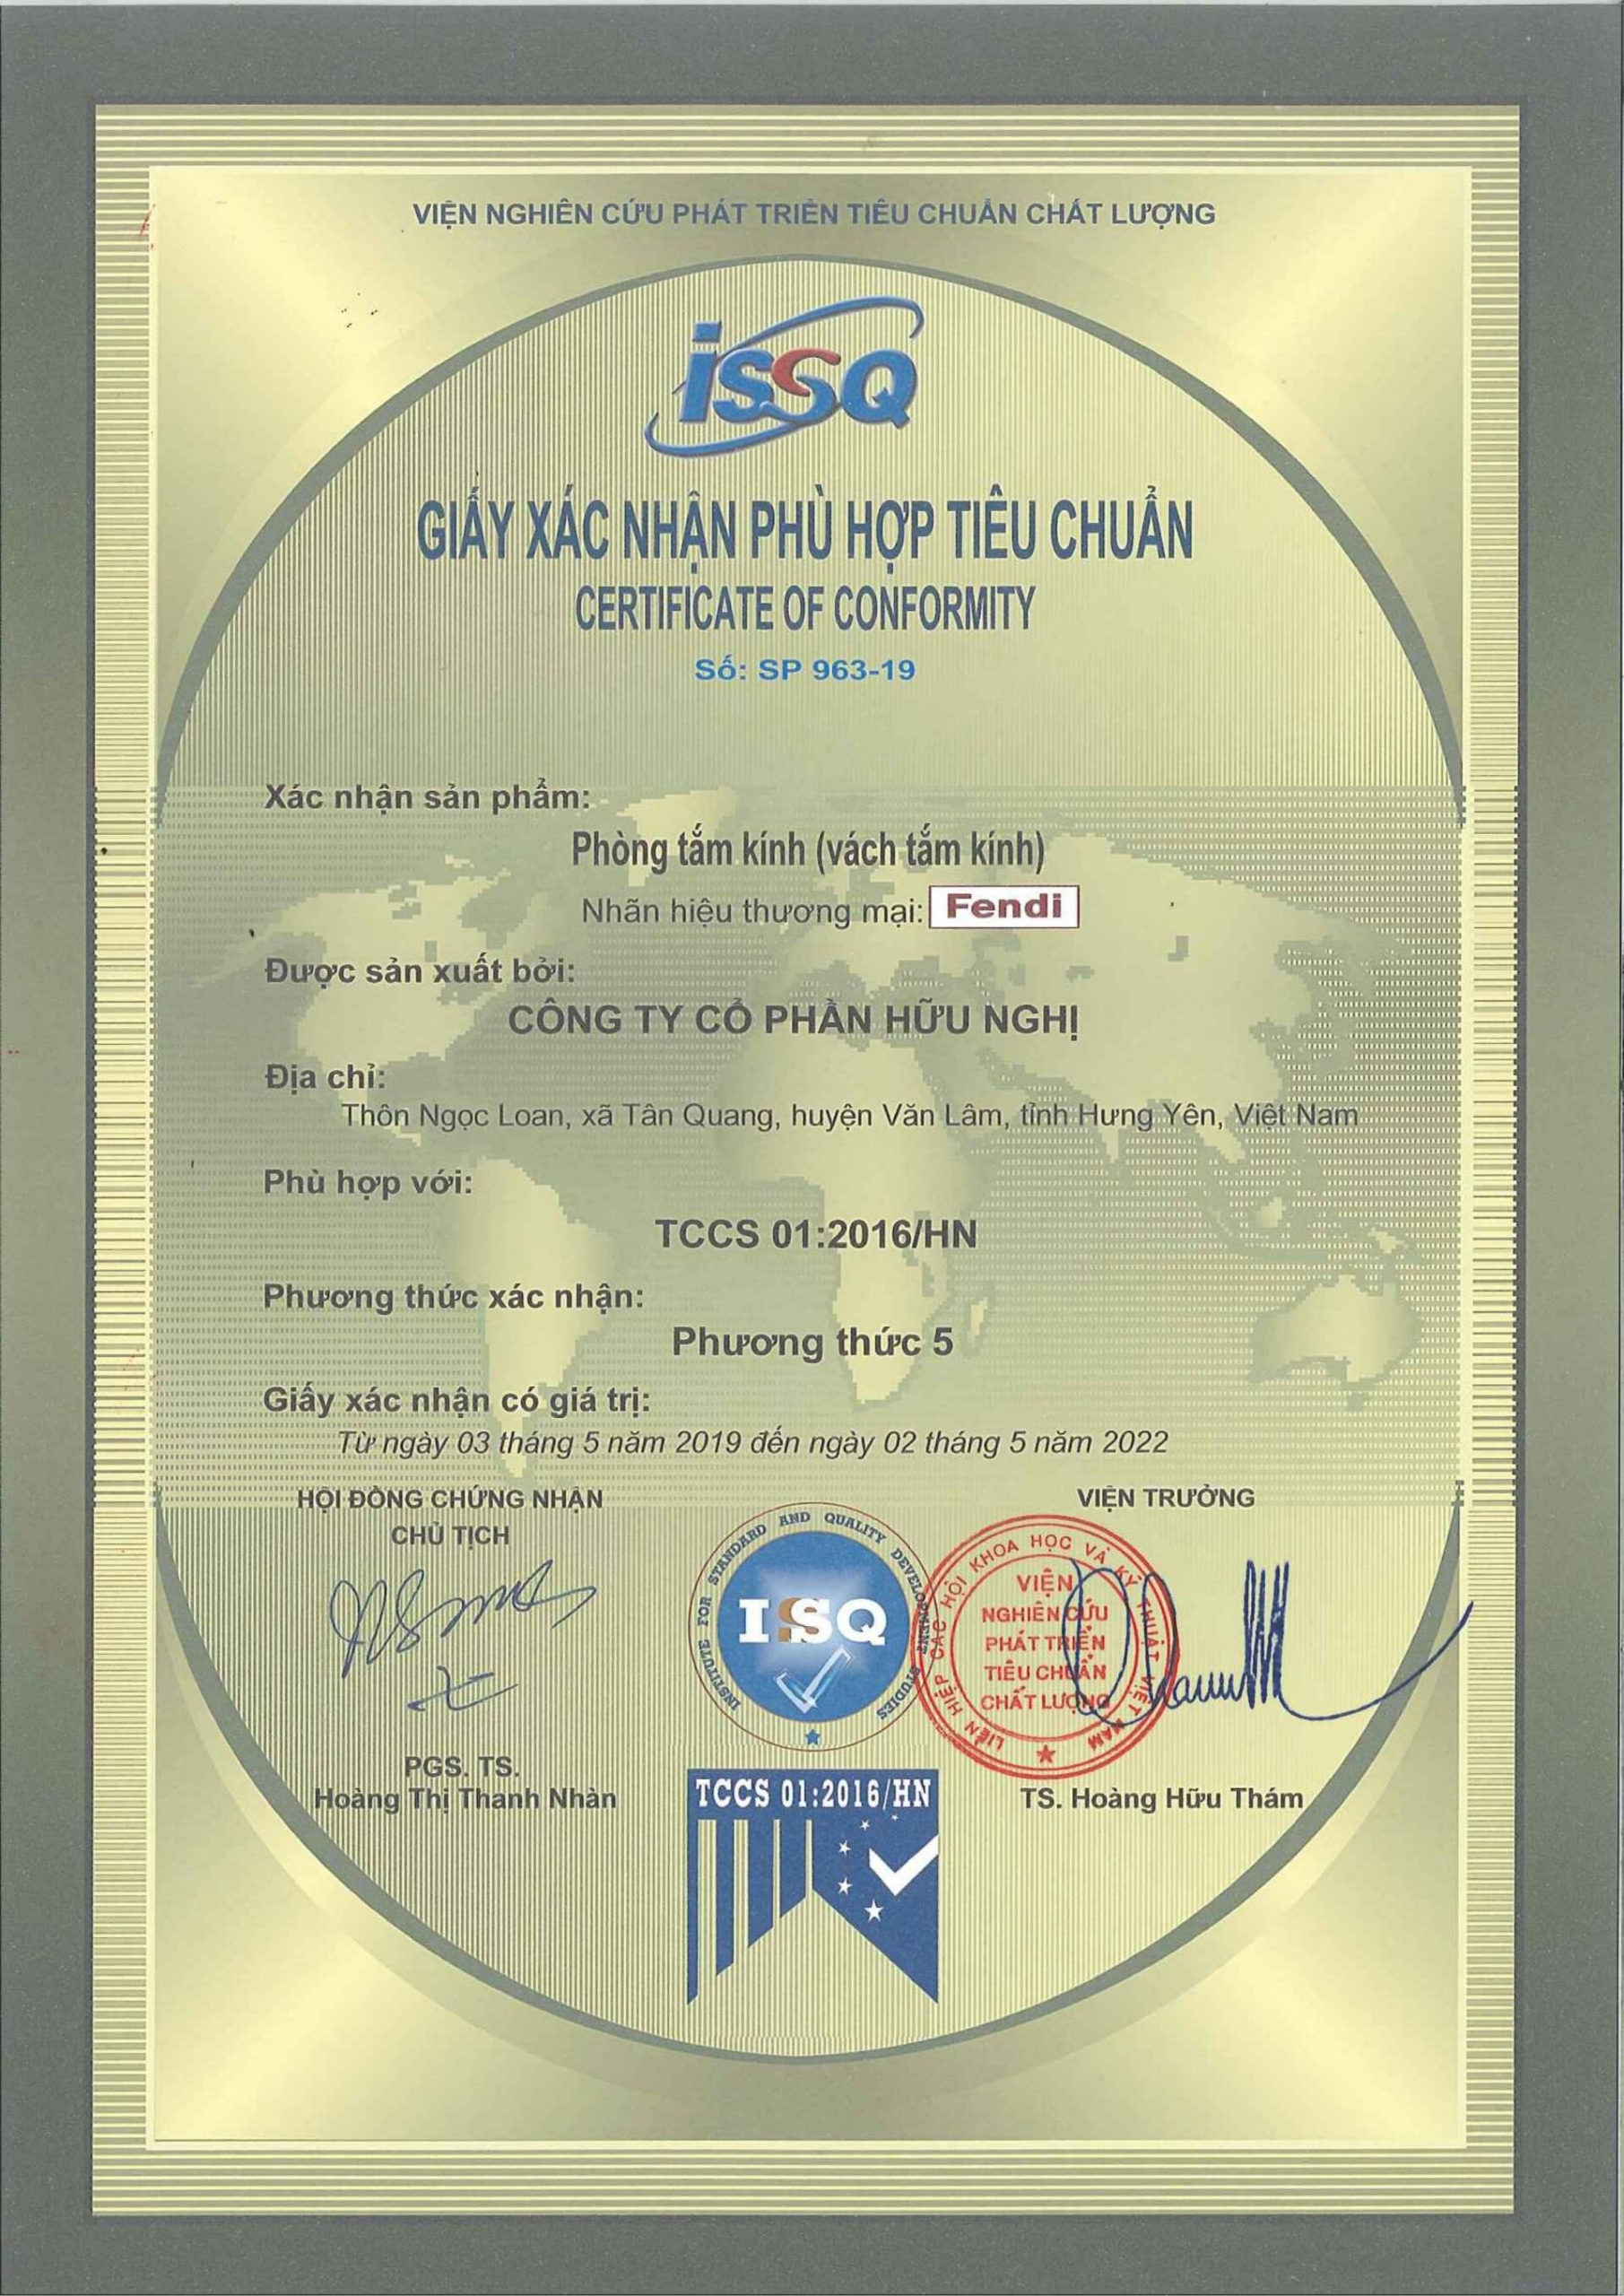 Các tiêu chuẩn phòng tắm kính mà Fendi đã đạt được: hợp chuẩn Úc, TCCS và Iso